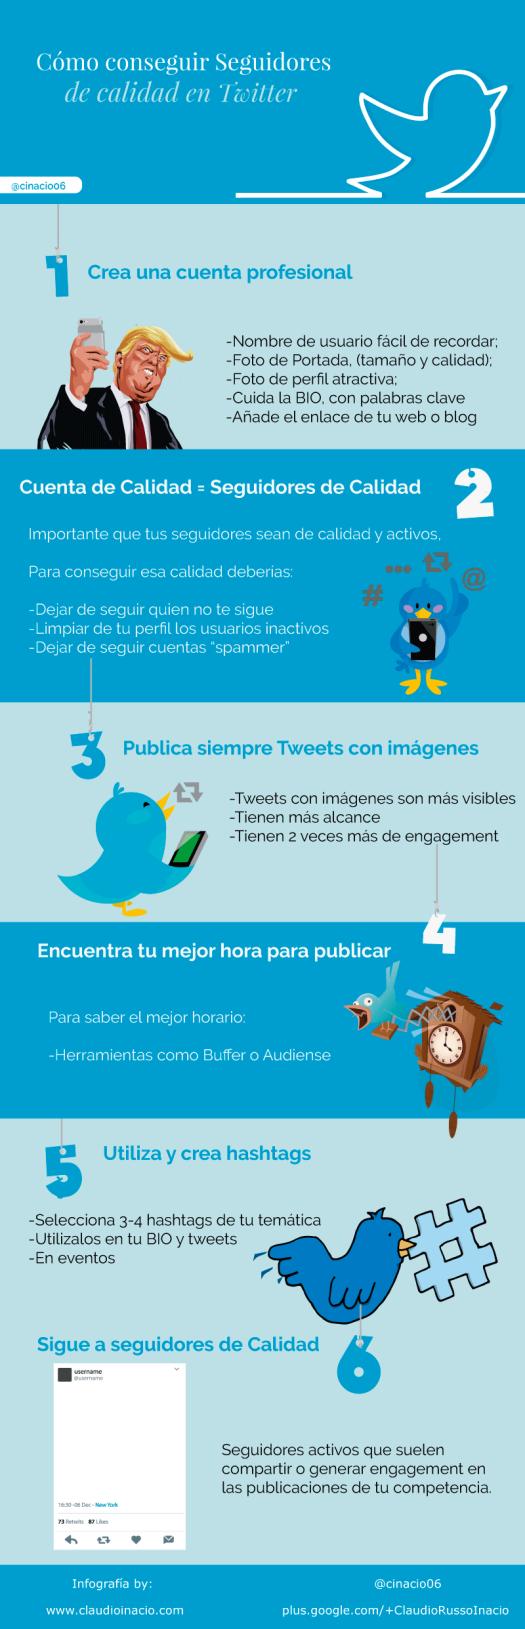 como-conseguir-seguidores-en-twitter-infografia